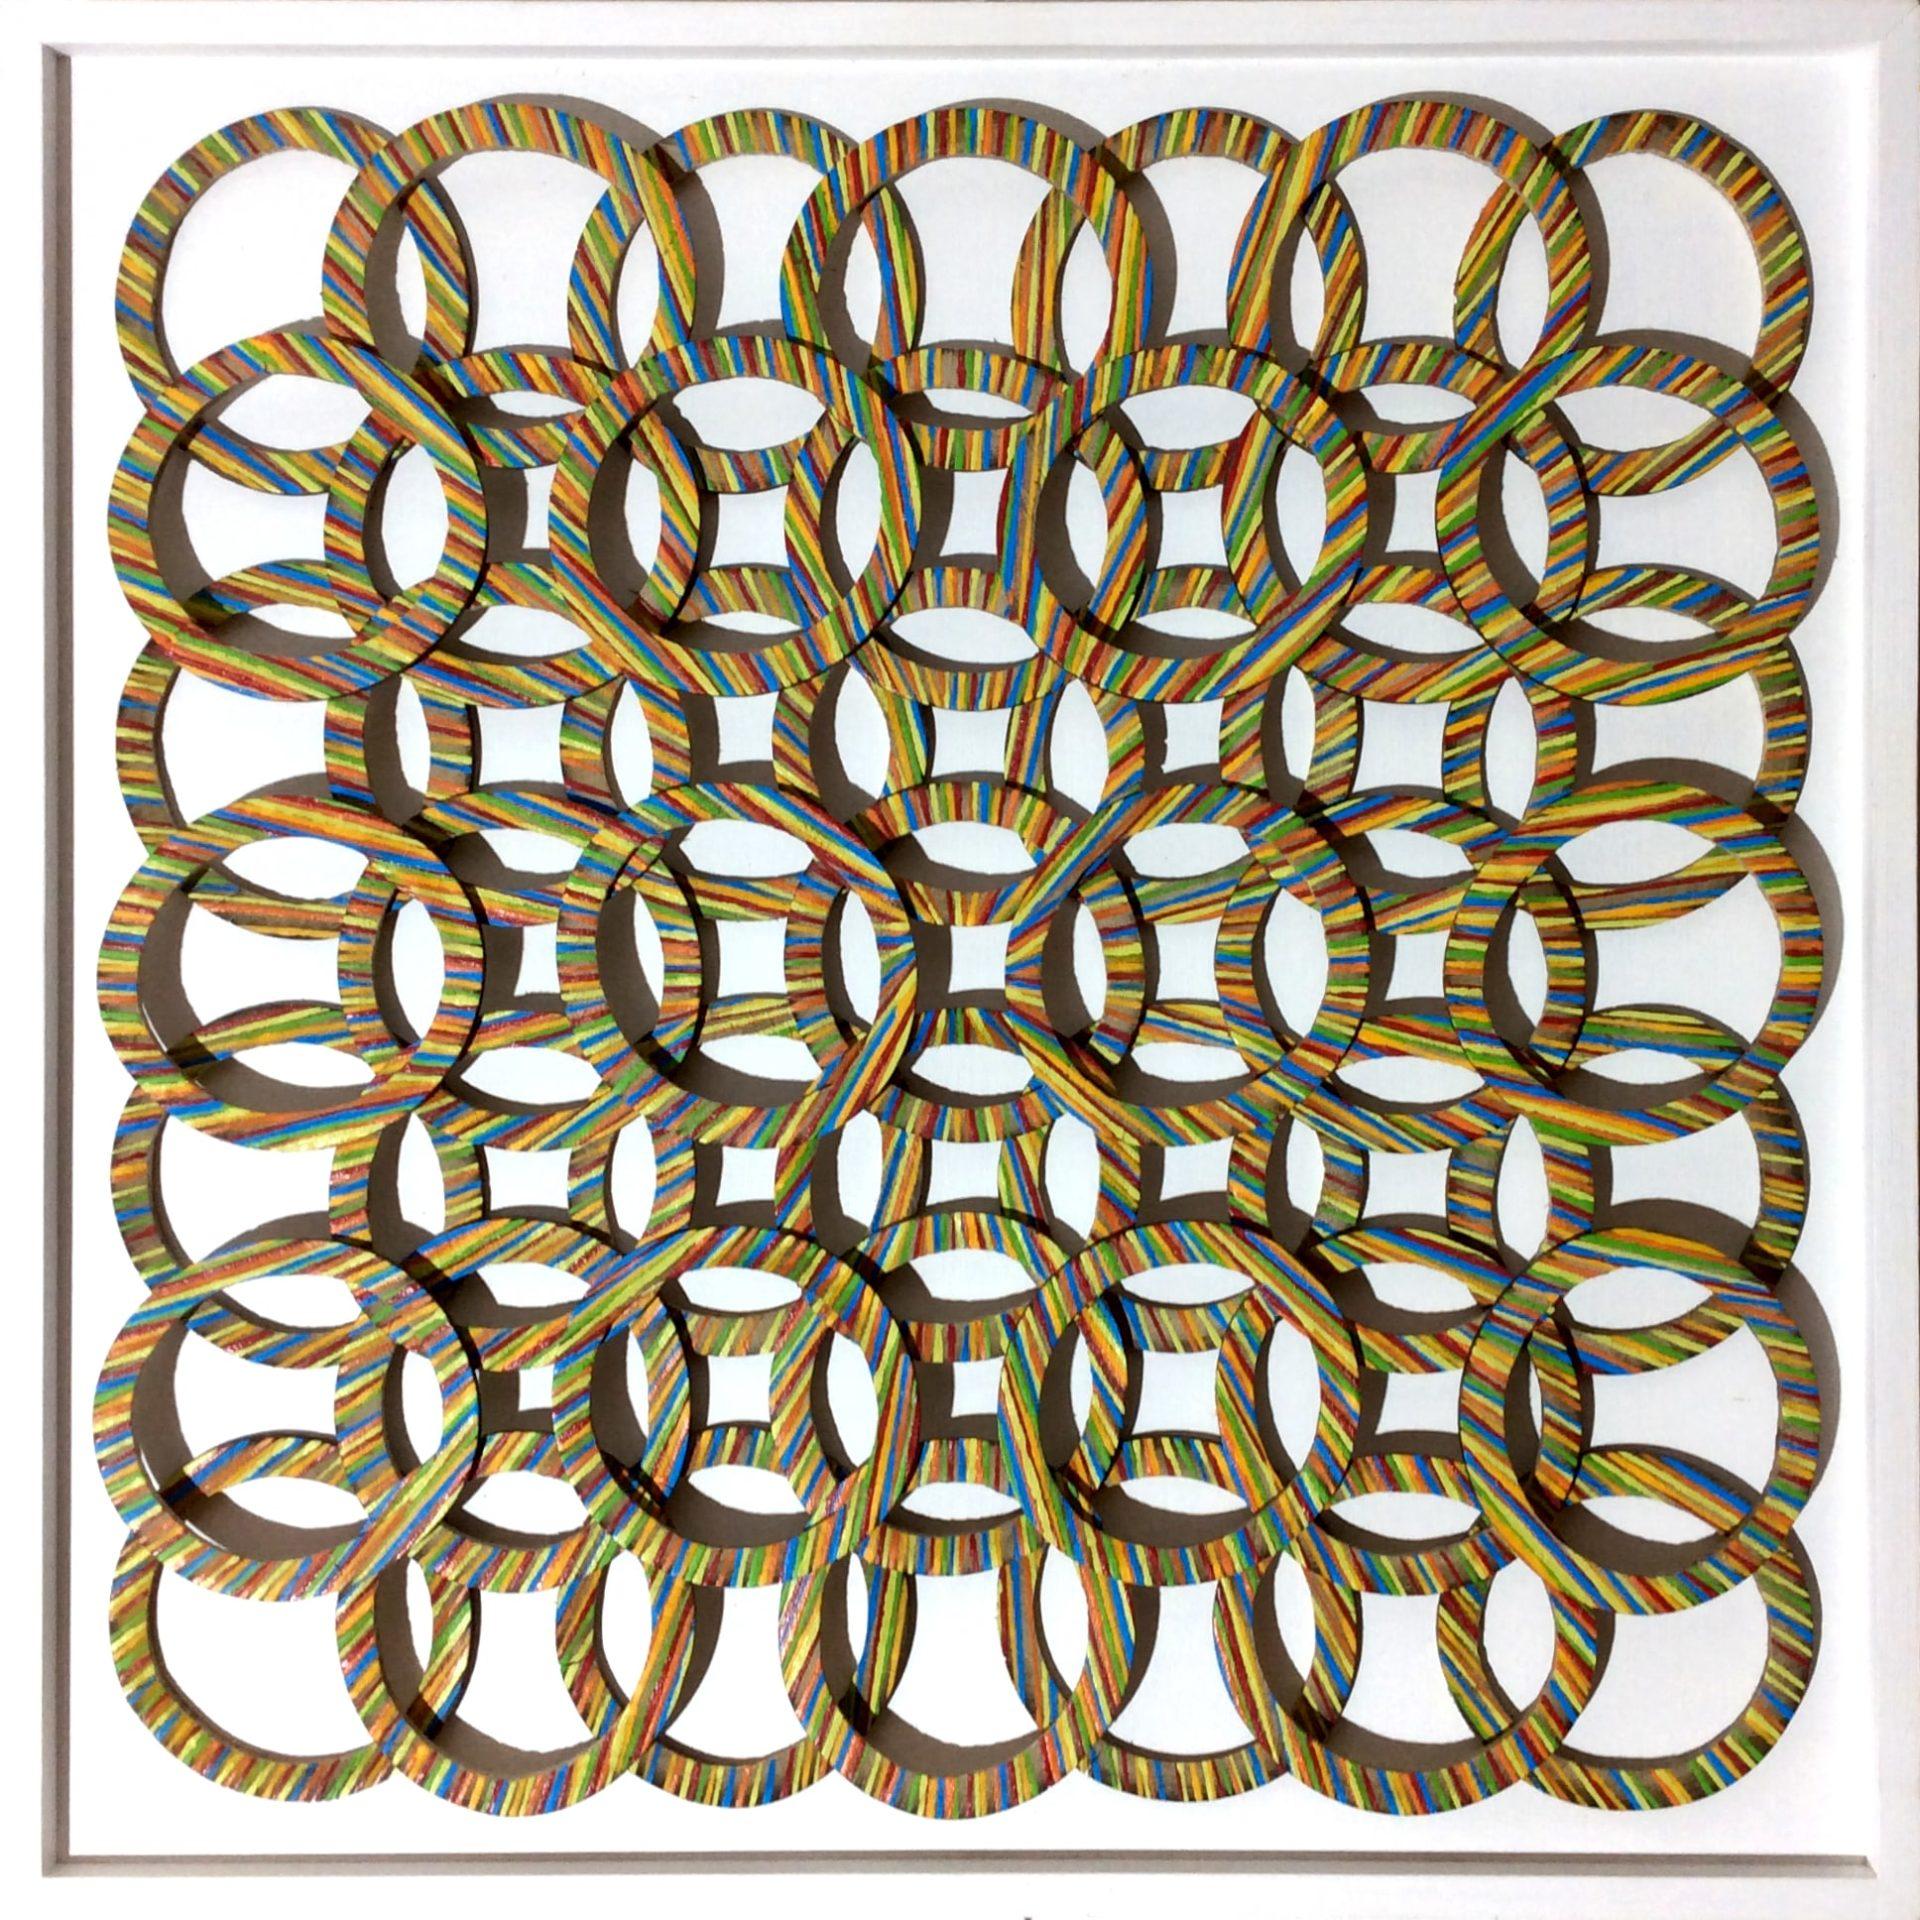 Bild 0,55 x 0,55m – Bambusringe (2019) verk.